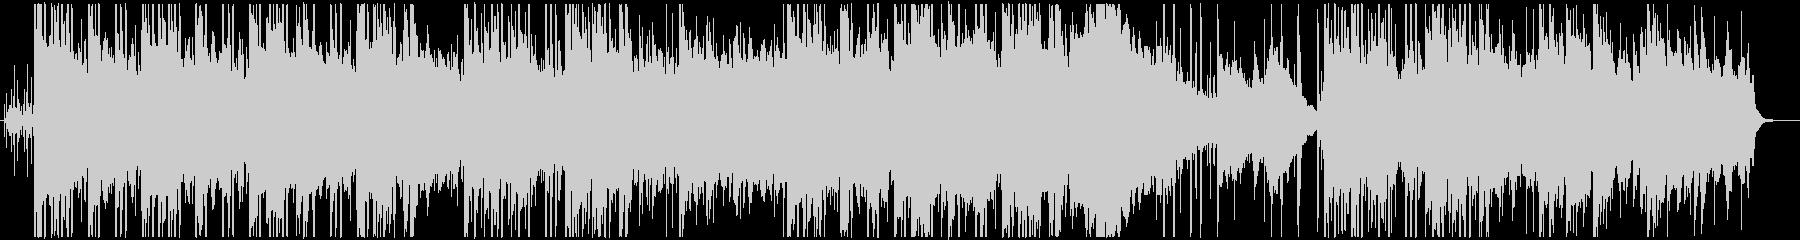 アコースティック、チル系ヒップホップの未再生の波形